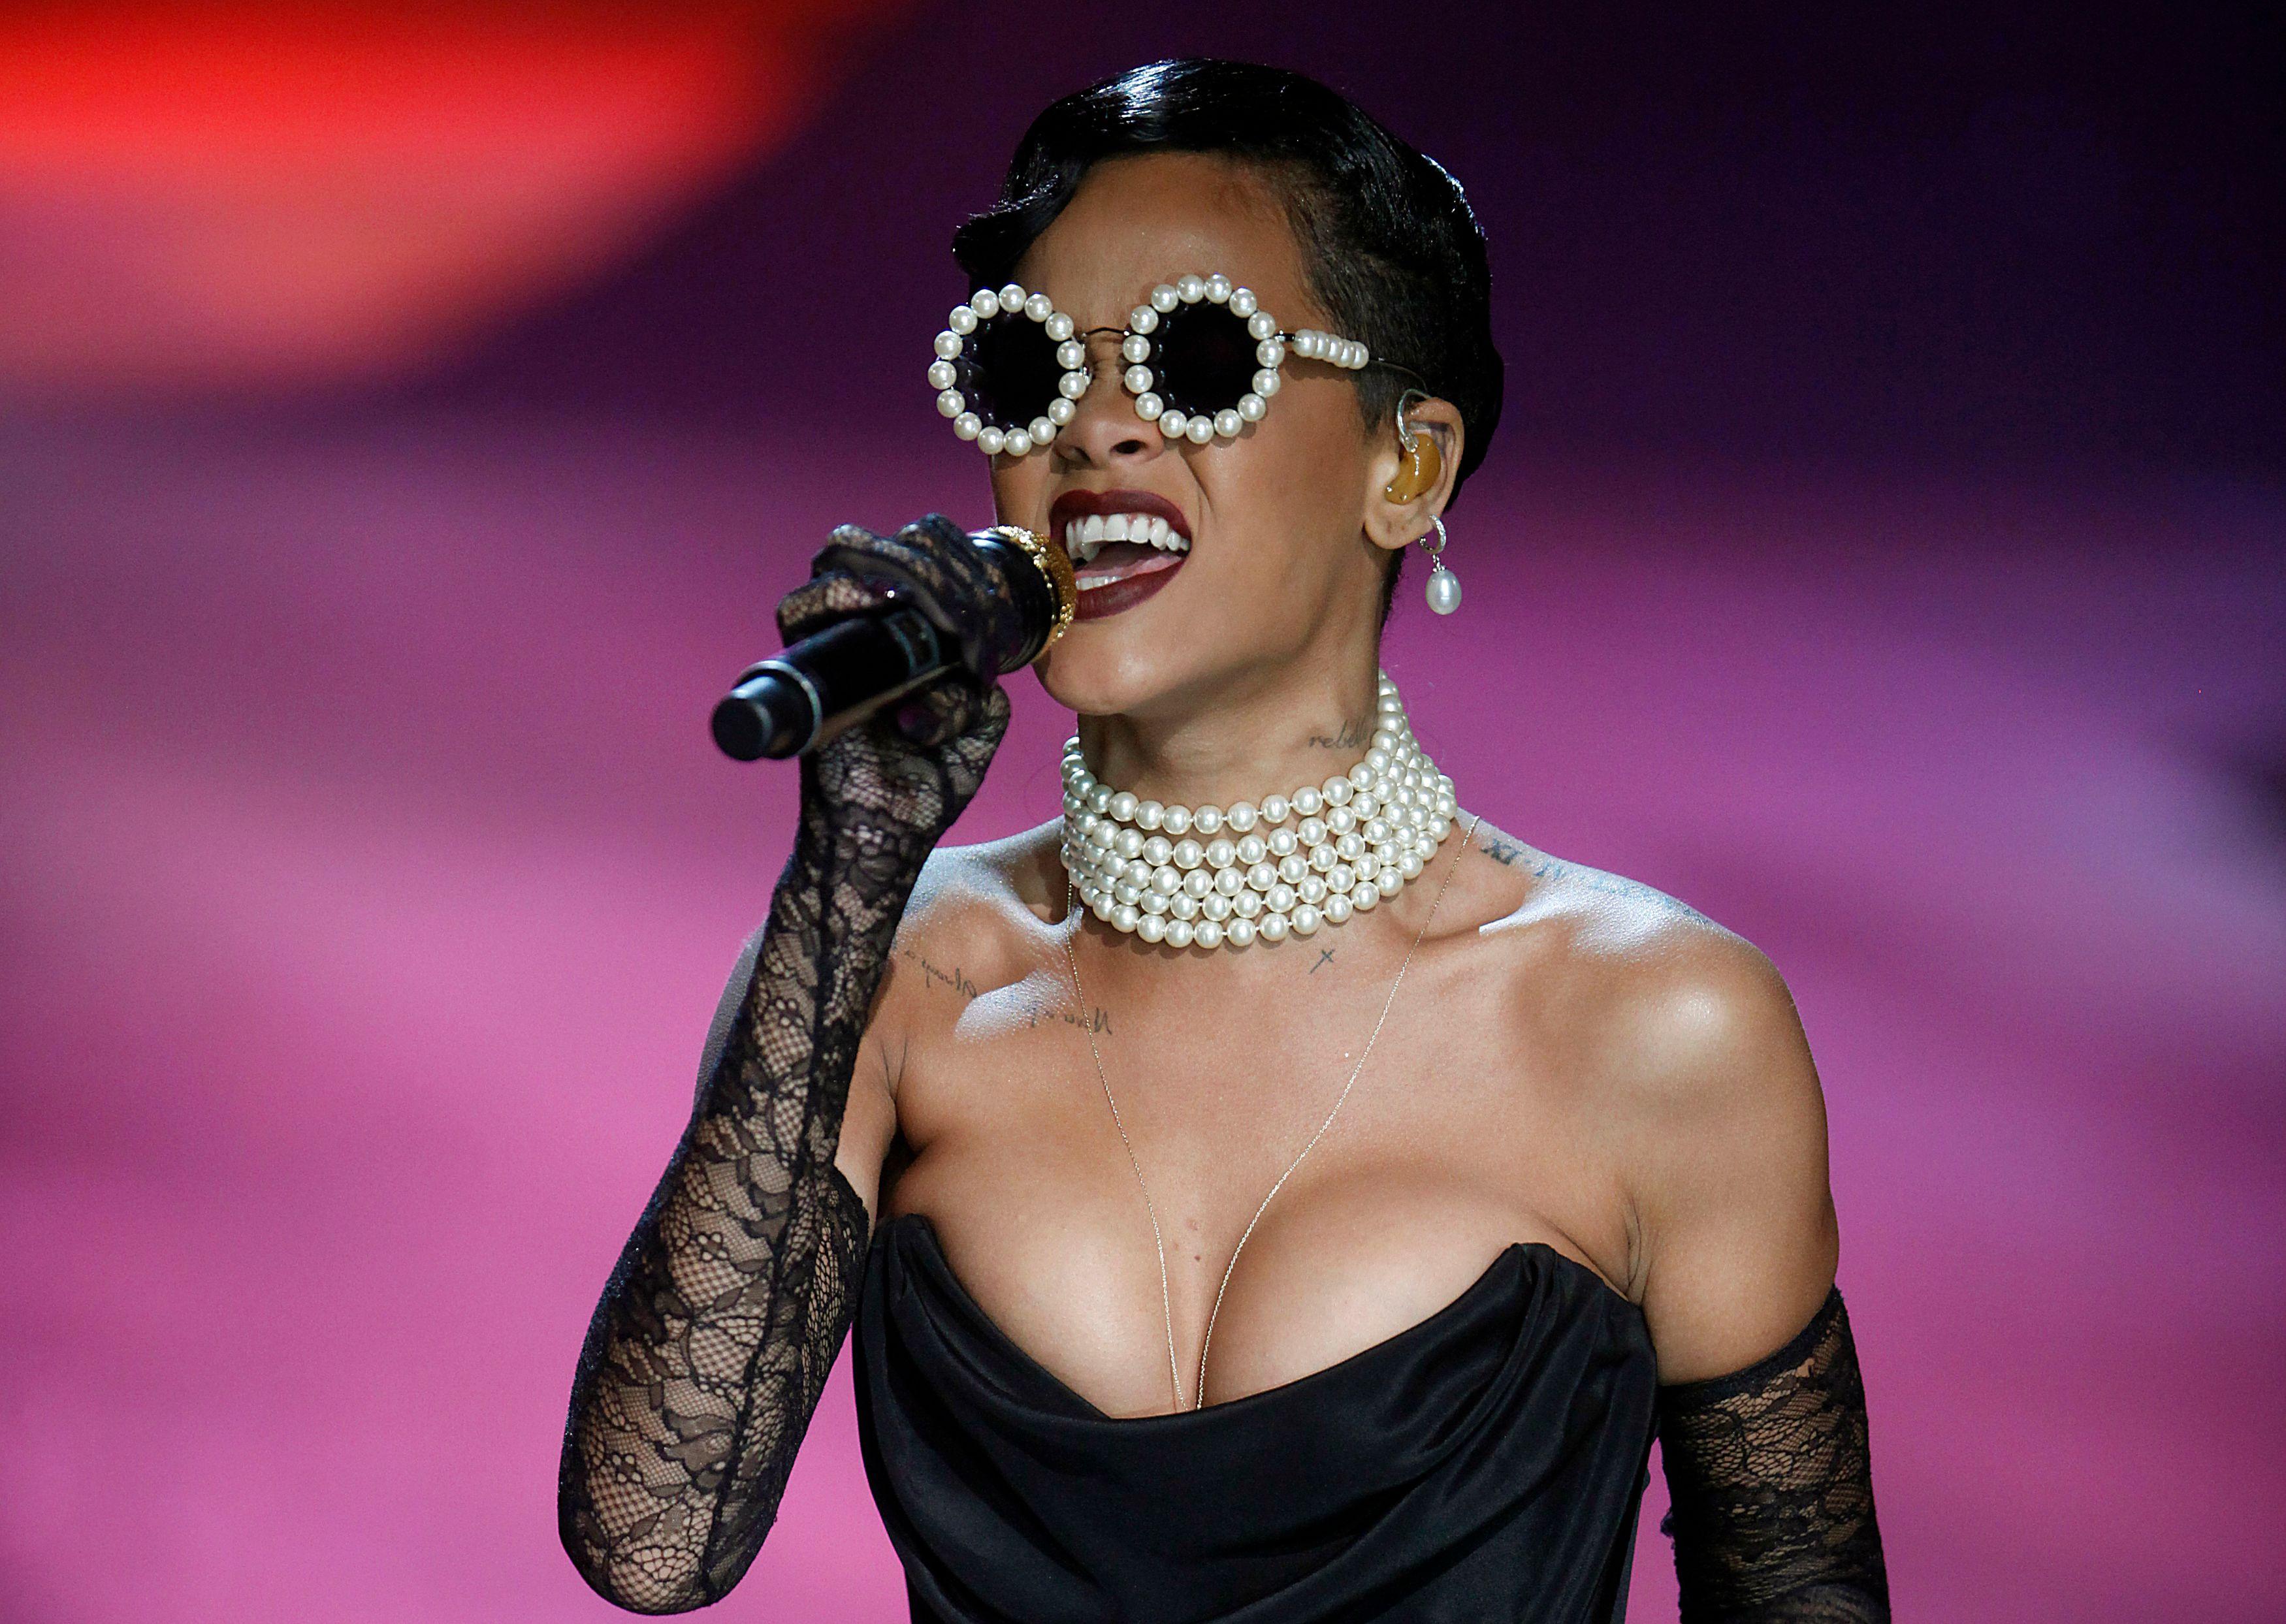 """Rihanna nue dans """"Lui"""" : après la polémique, la riposte de la chanteuse"""